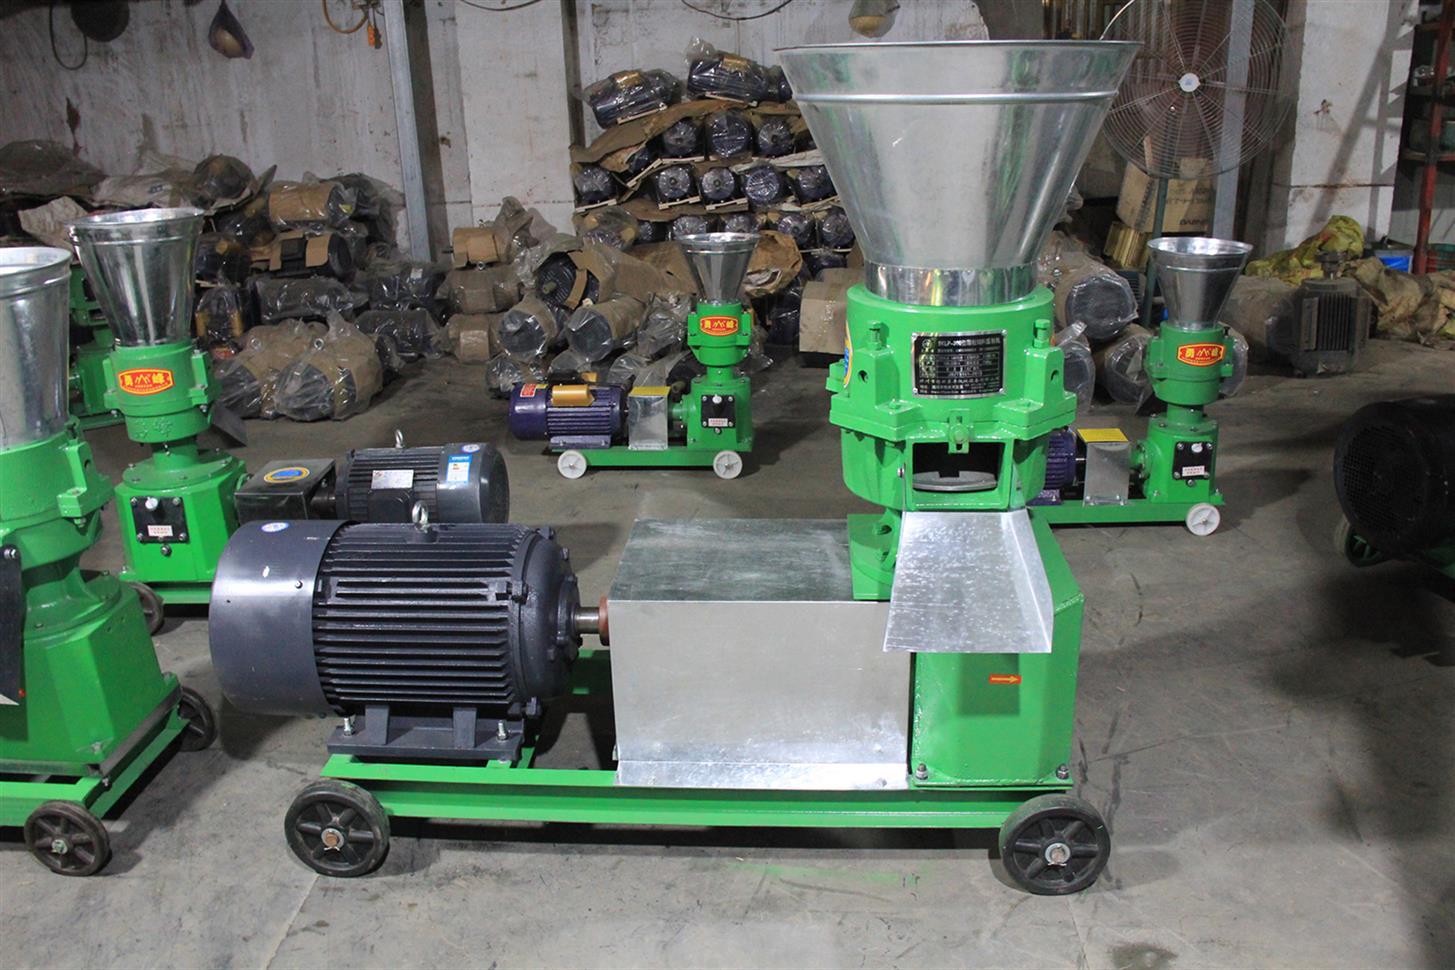 饲料颗粒机养殖厂用 全套设备生产线 全自动多功能成套设备 羊饲料压制机 300型造粒机